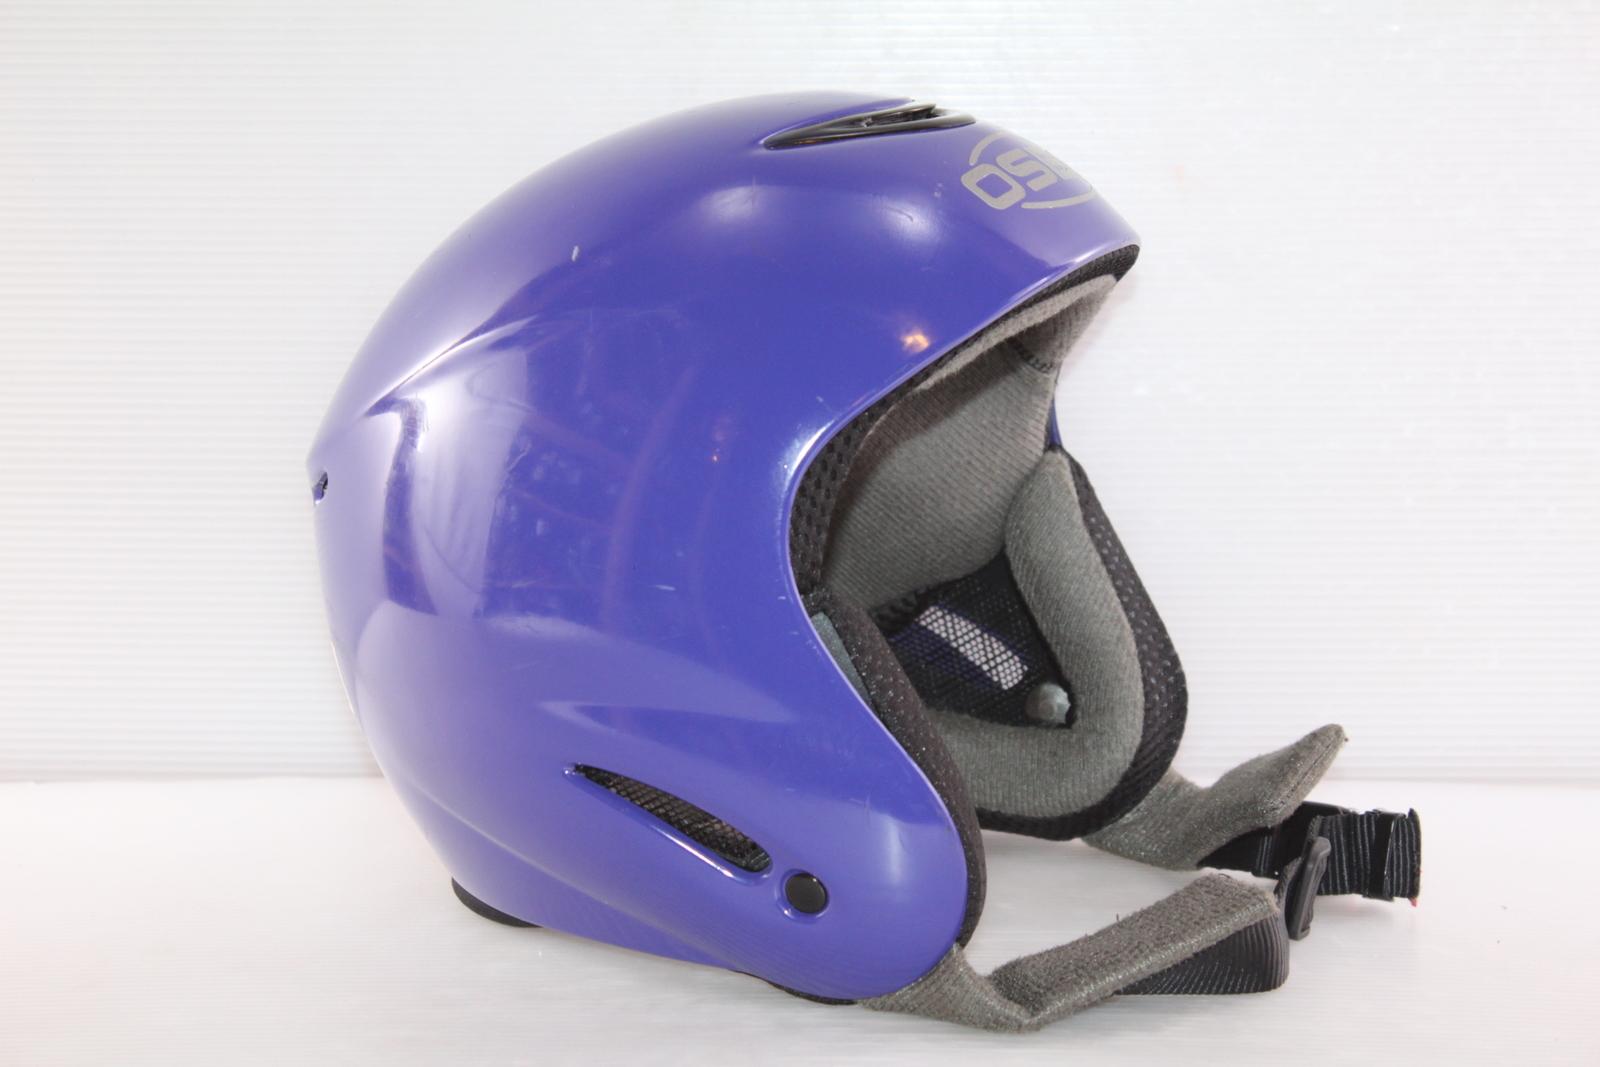 Dámská lyžařská helma Osbe Oski 1 vel. 61